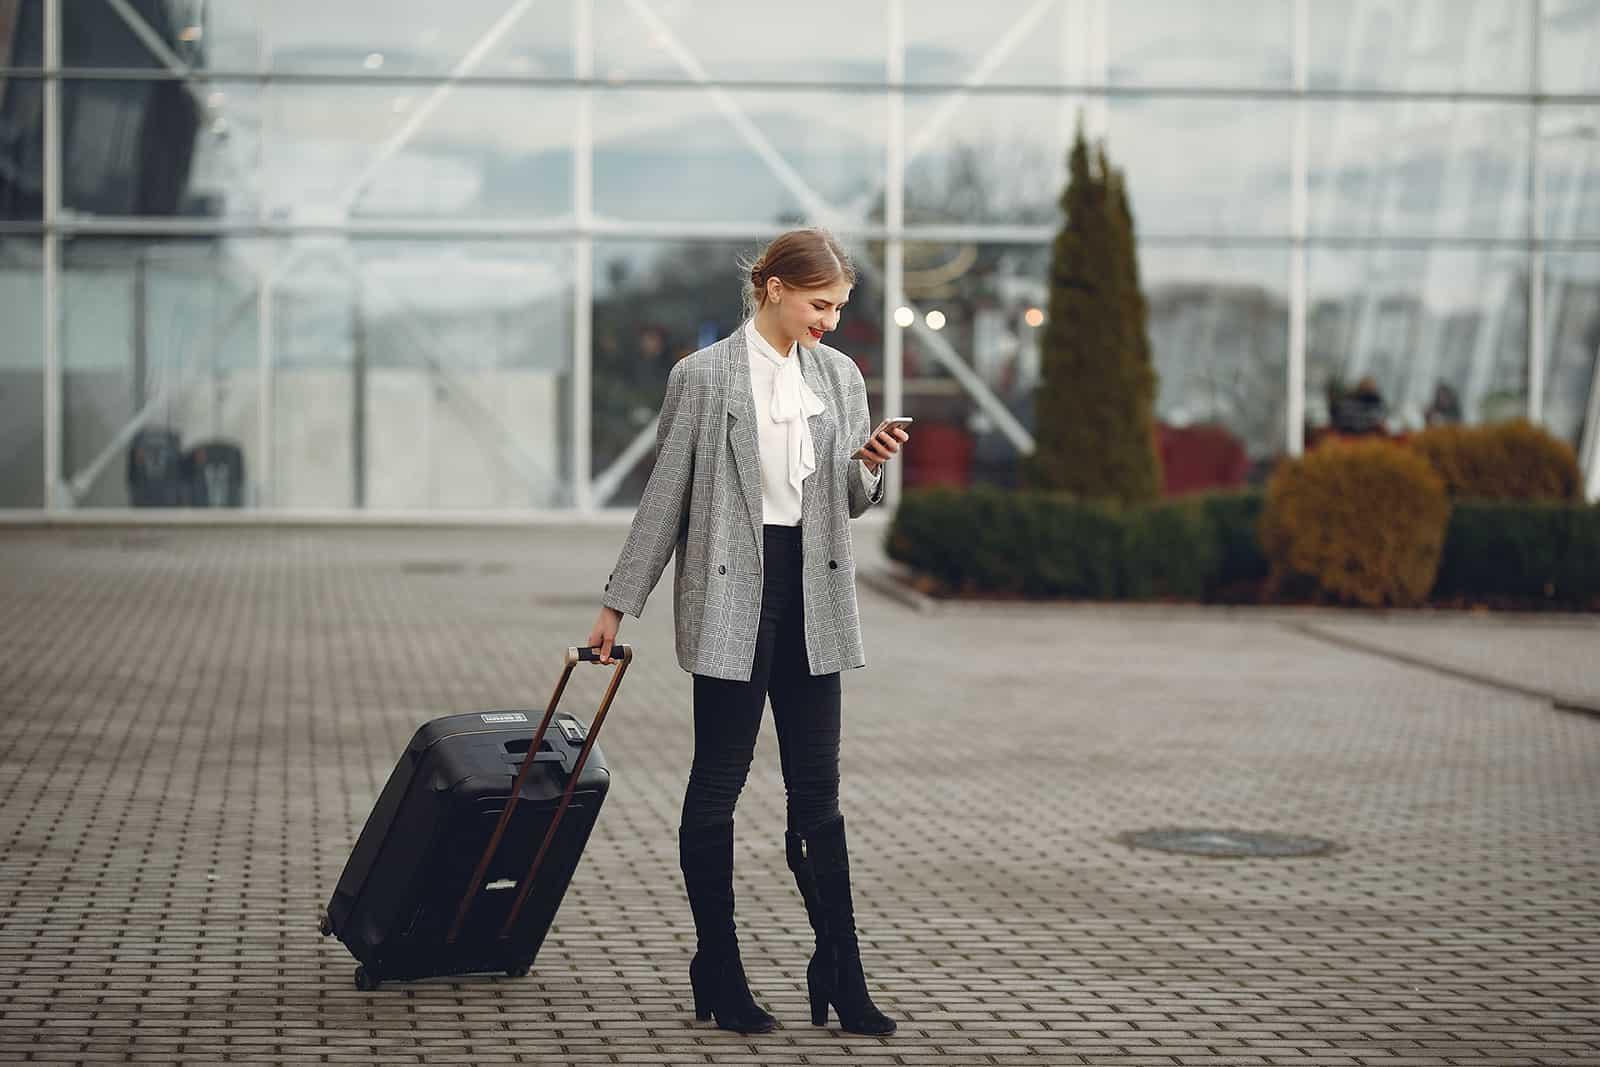 eine Frau mit einem Koffer SMS auf einem Smartphone vor dem Flughafen stehen